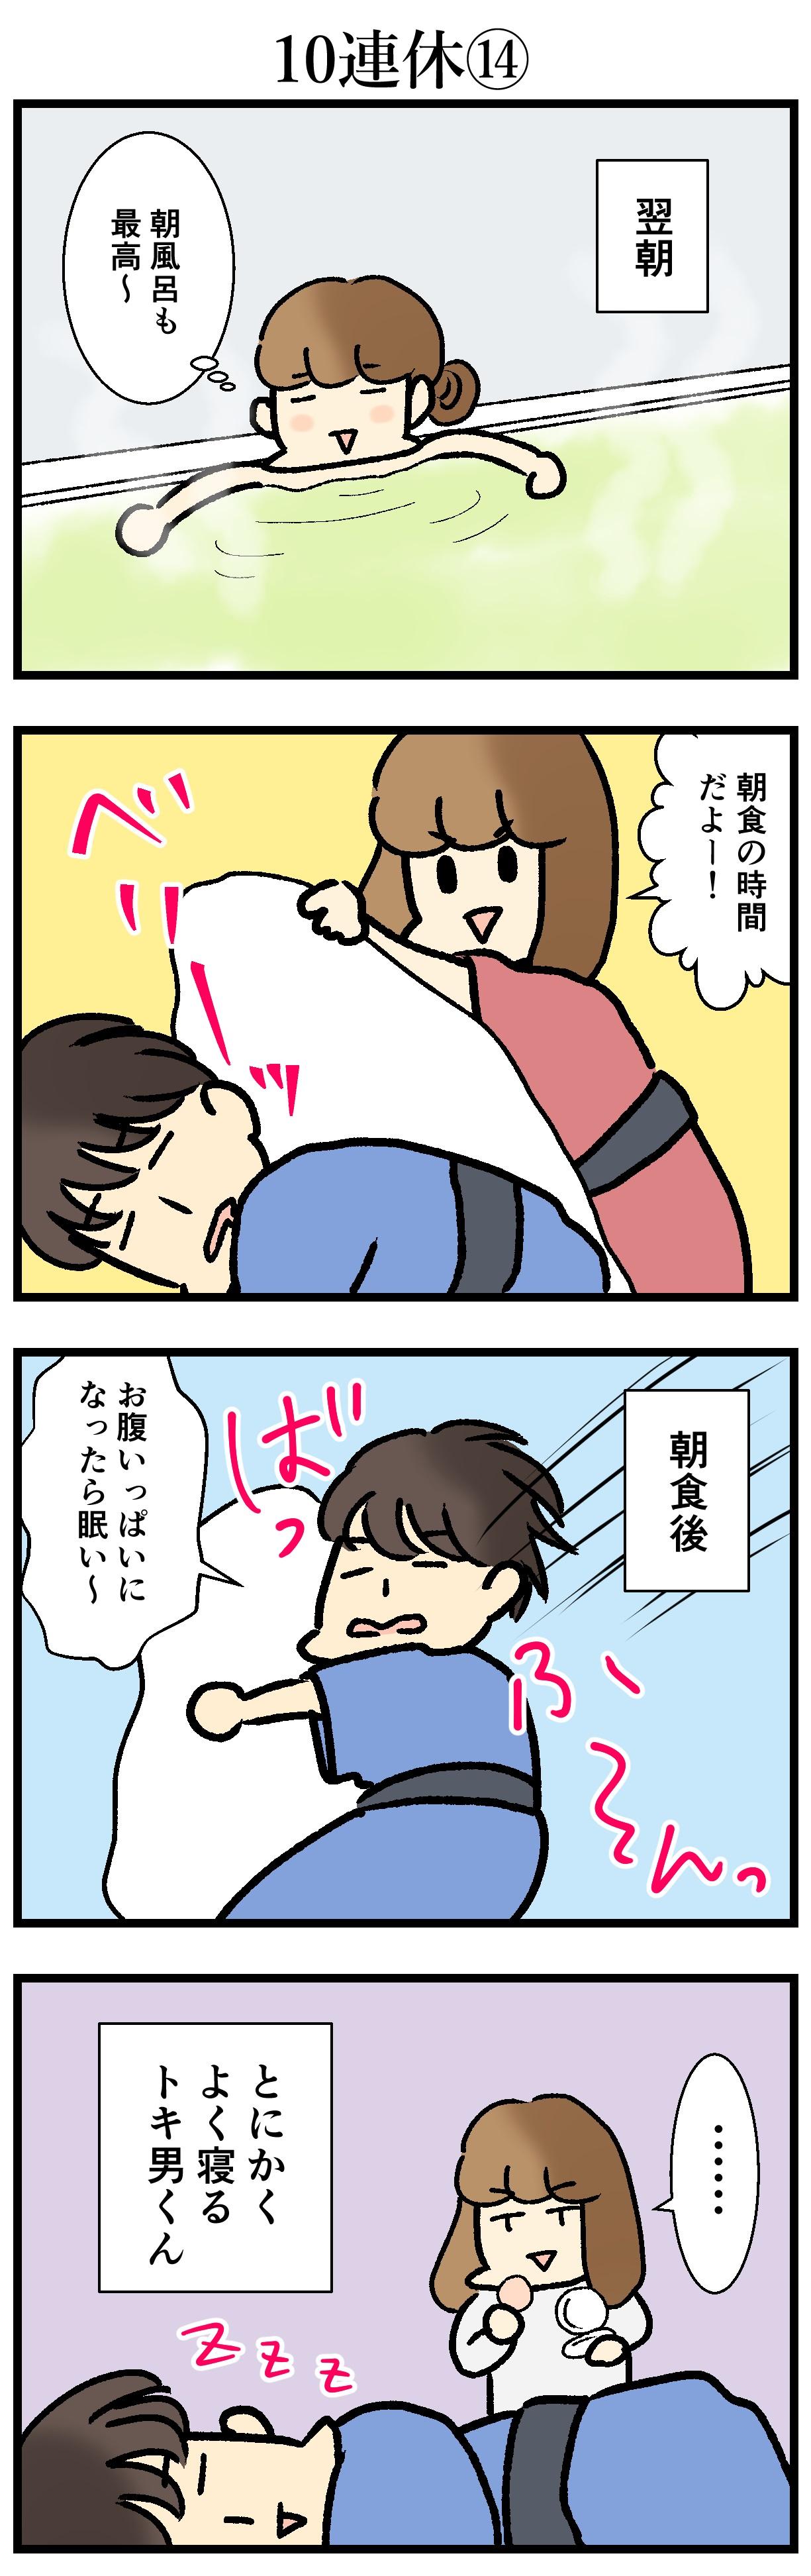 【エッセイ漫画】アラサー主婦くま子のふがいない日常(120)